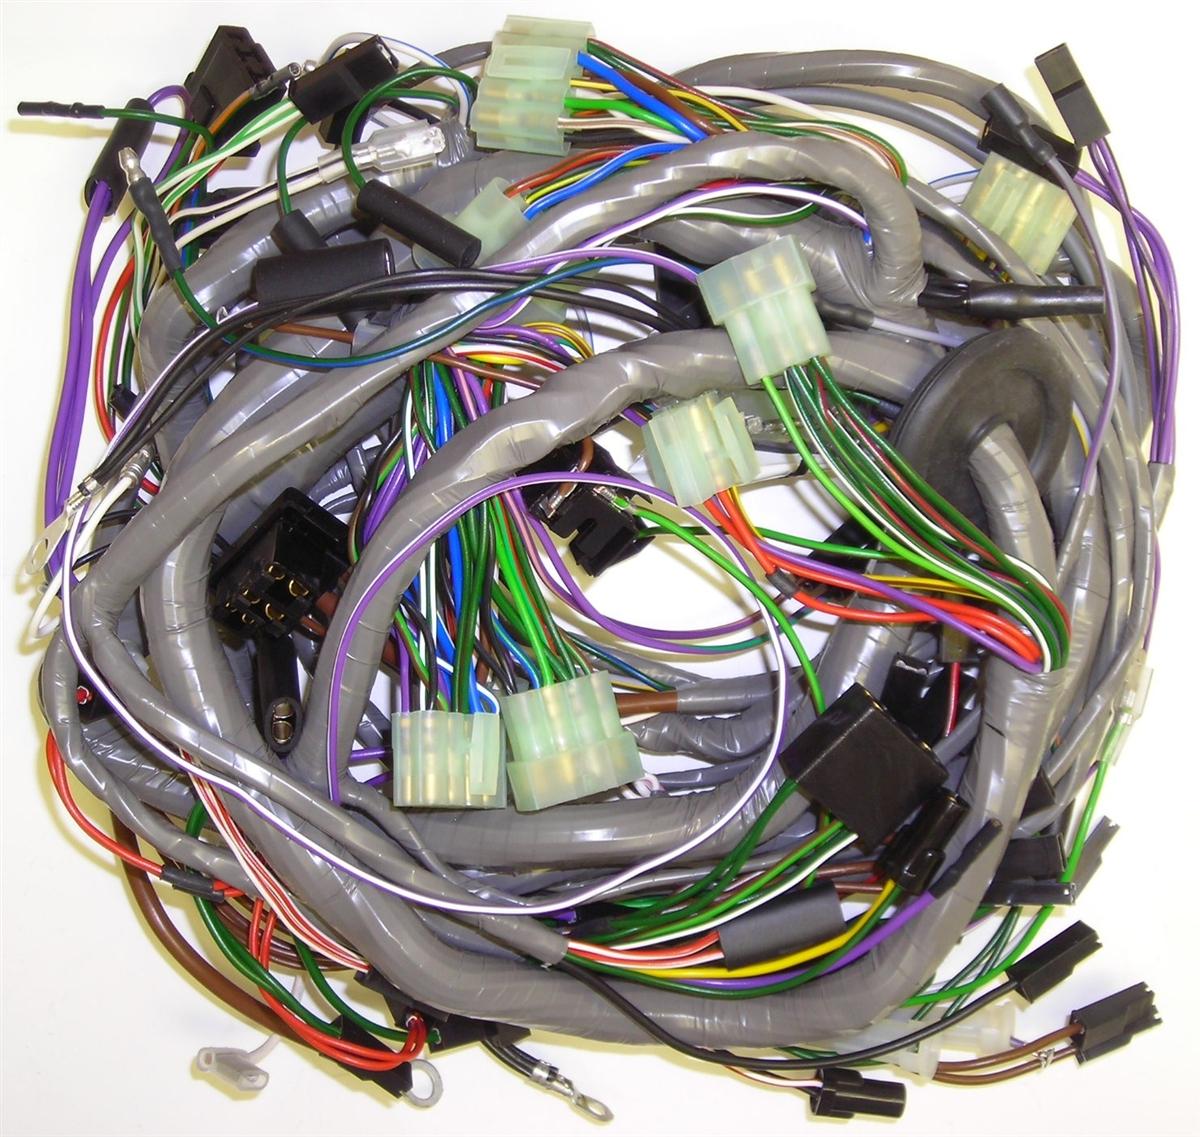 main wiring harness mg midget 1977 80 ca spec 1757 1977 mg midget wiring harness mg midget wiring harness [ 1200 x 1137 Pixel ]